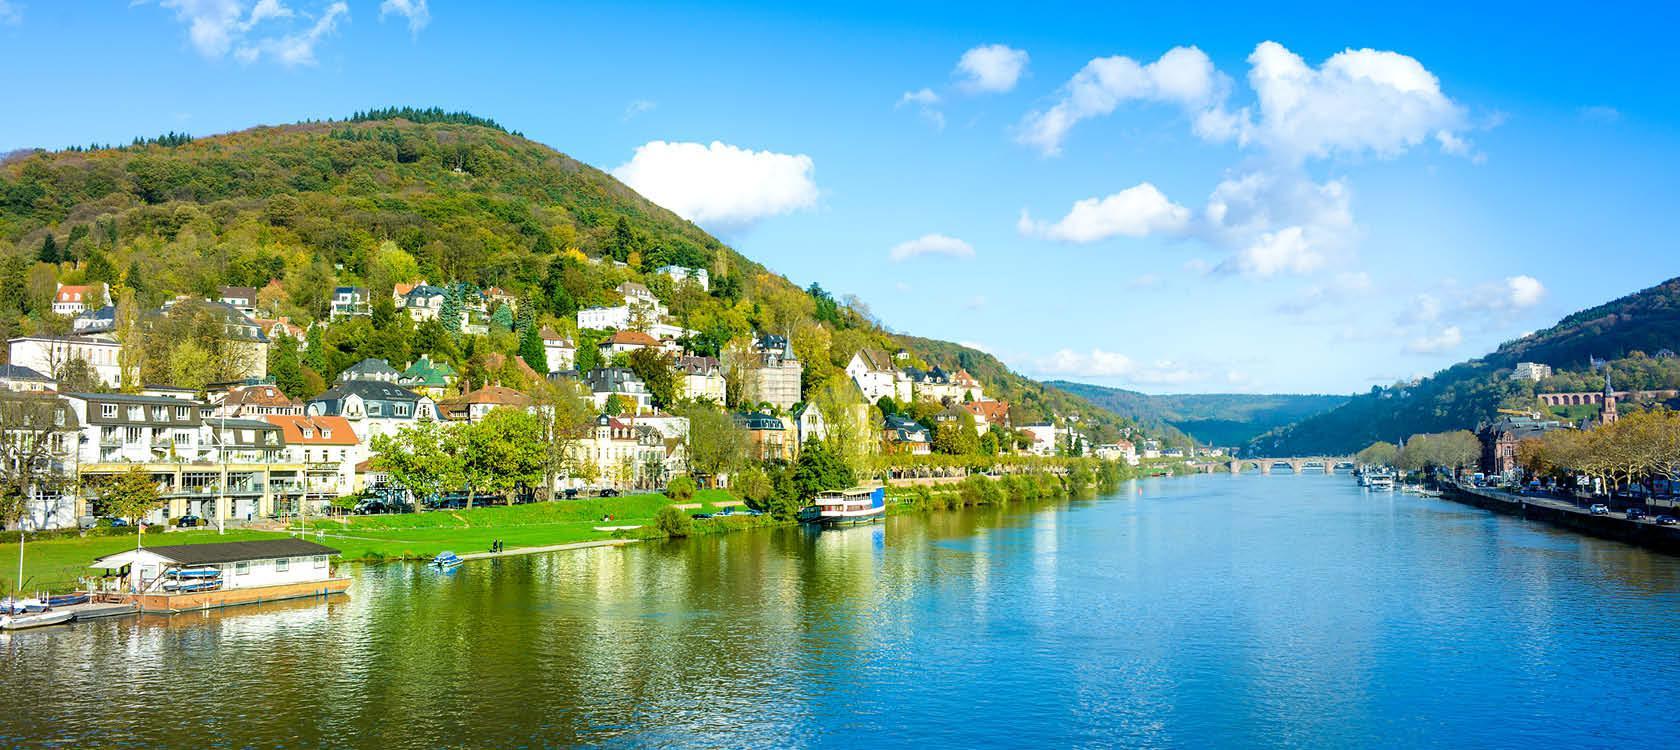 Sejl med på Rhinen og oplev bl.a Tyskland